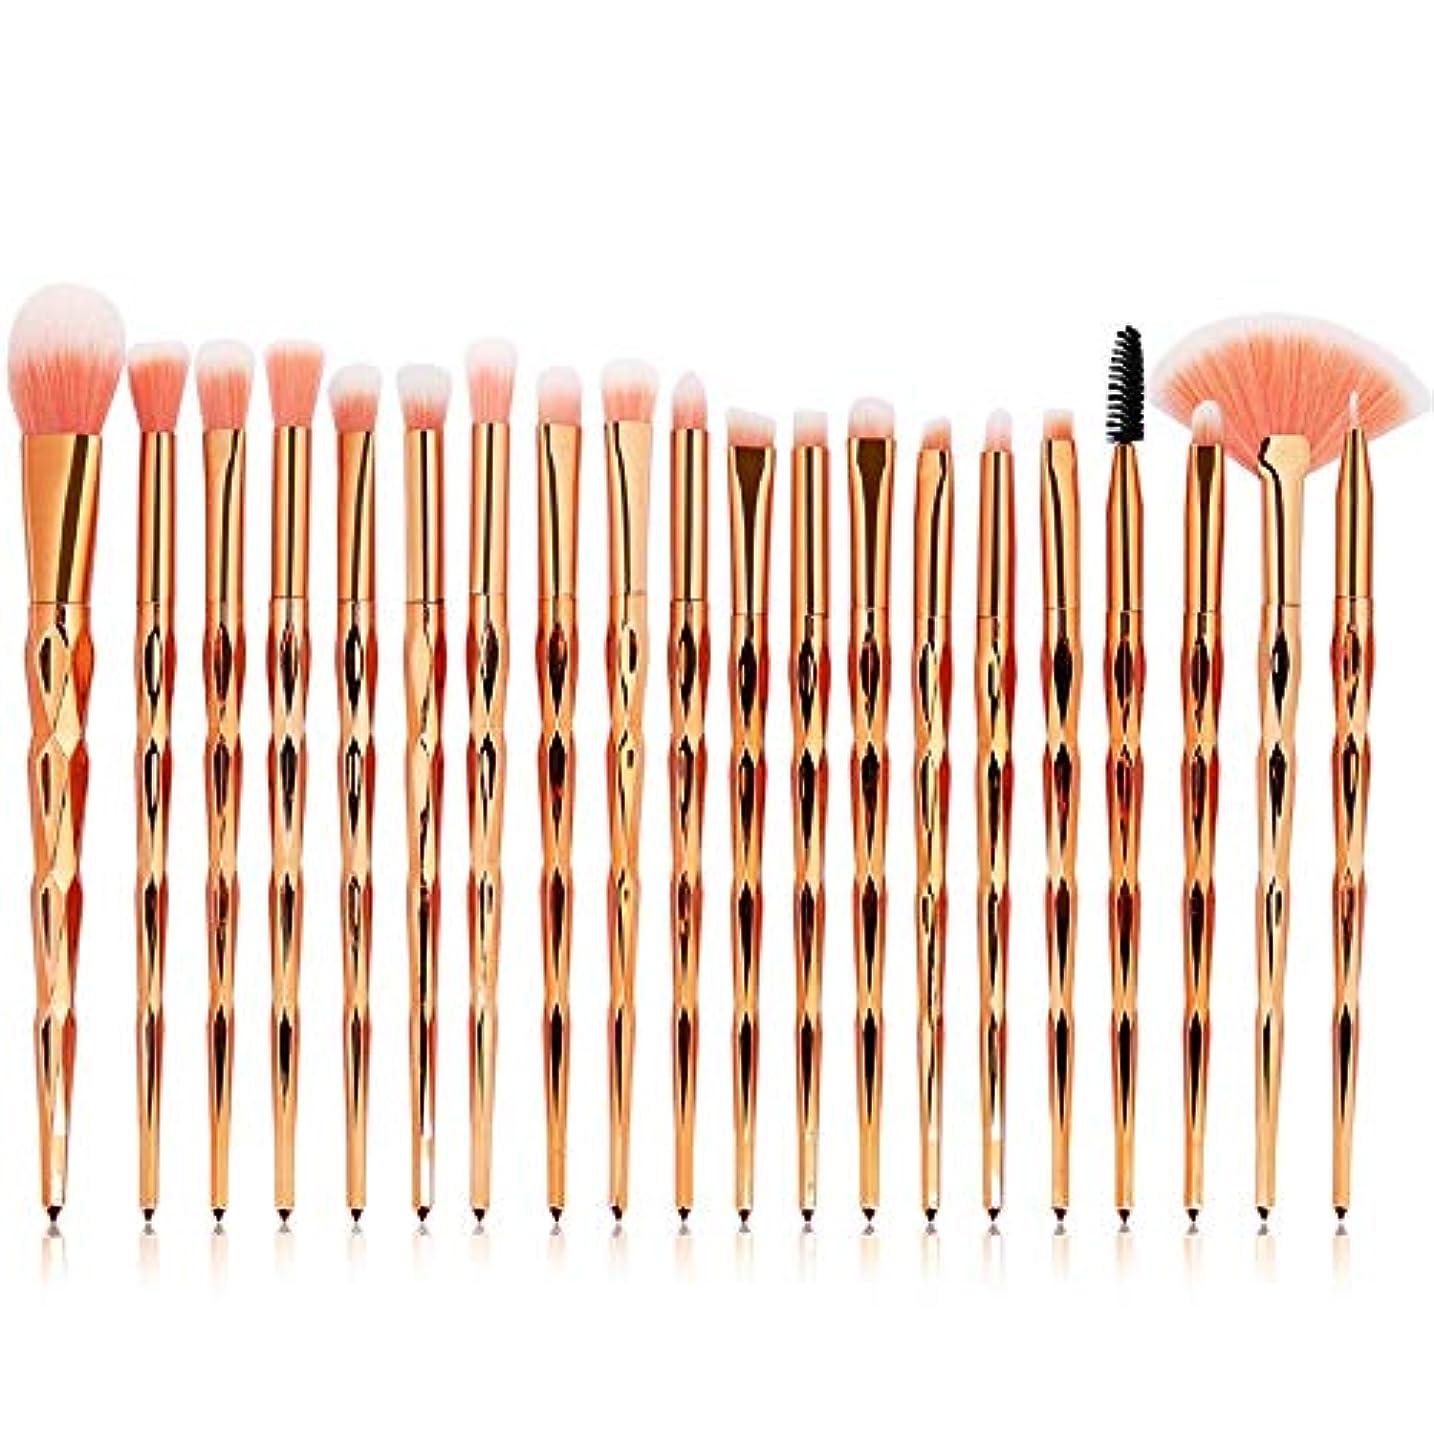 海嶺ペリスコープ肥料Makeup brushes イエロー、20ダイヤモンドメイクブラシセットファンデーションパウダーブラッシュアイシャドウリップブラシモトリーメイクメイク suits (Color : Golden)